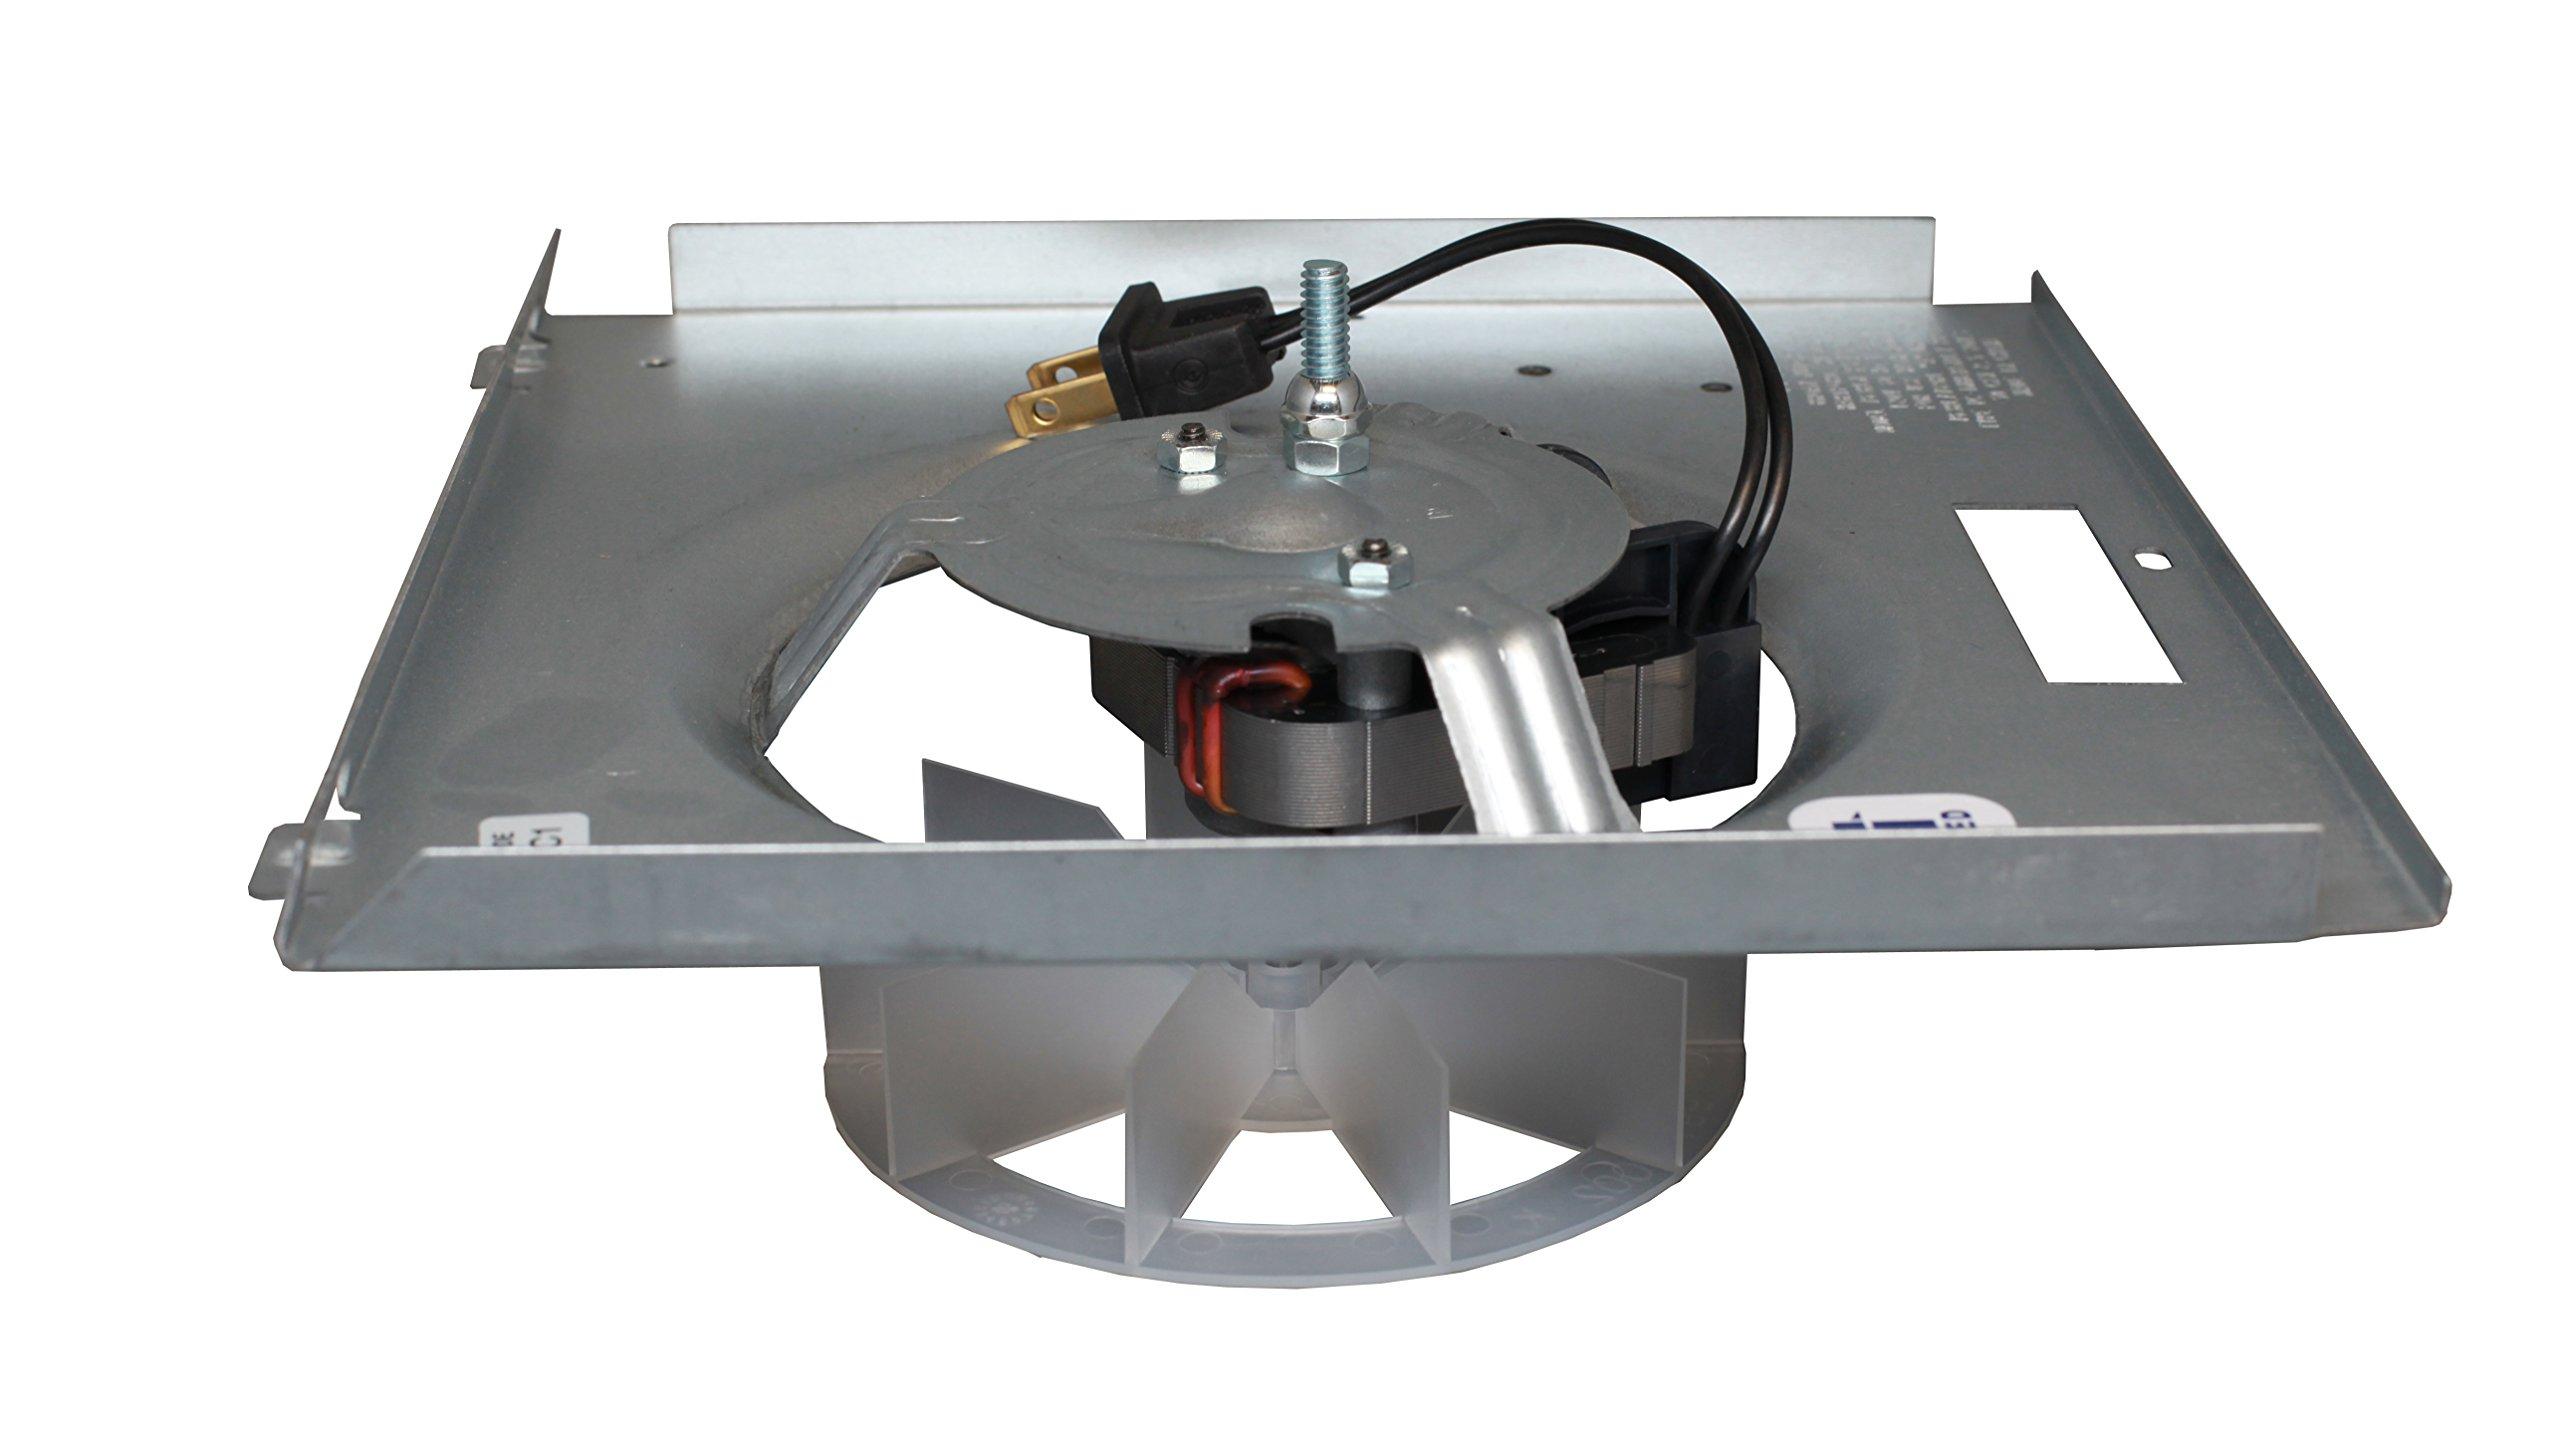 Nutone s0503b000 bathroom fan motor assembly for Replacement bath fan motor